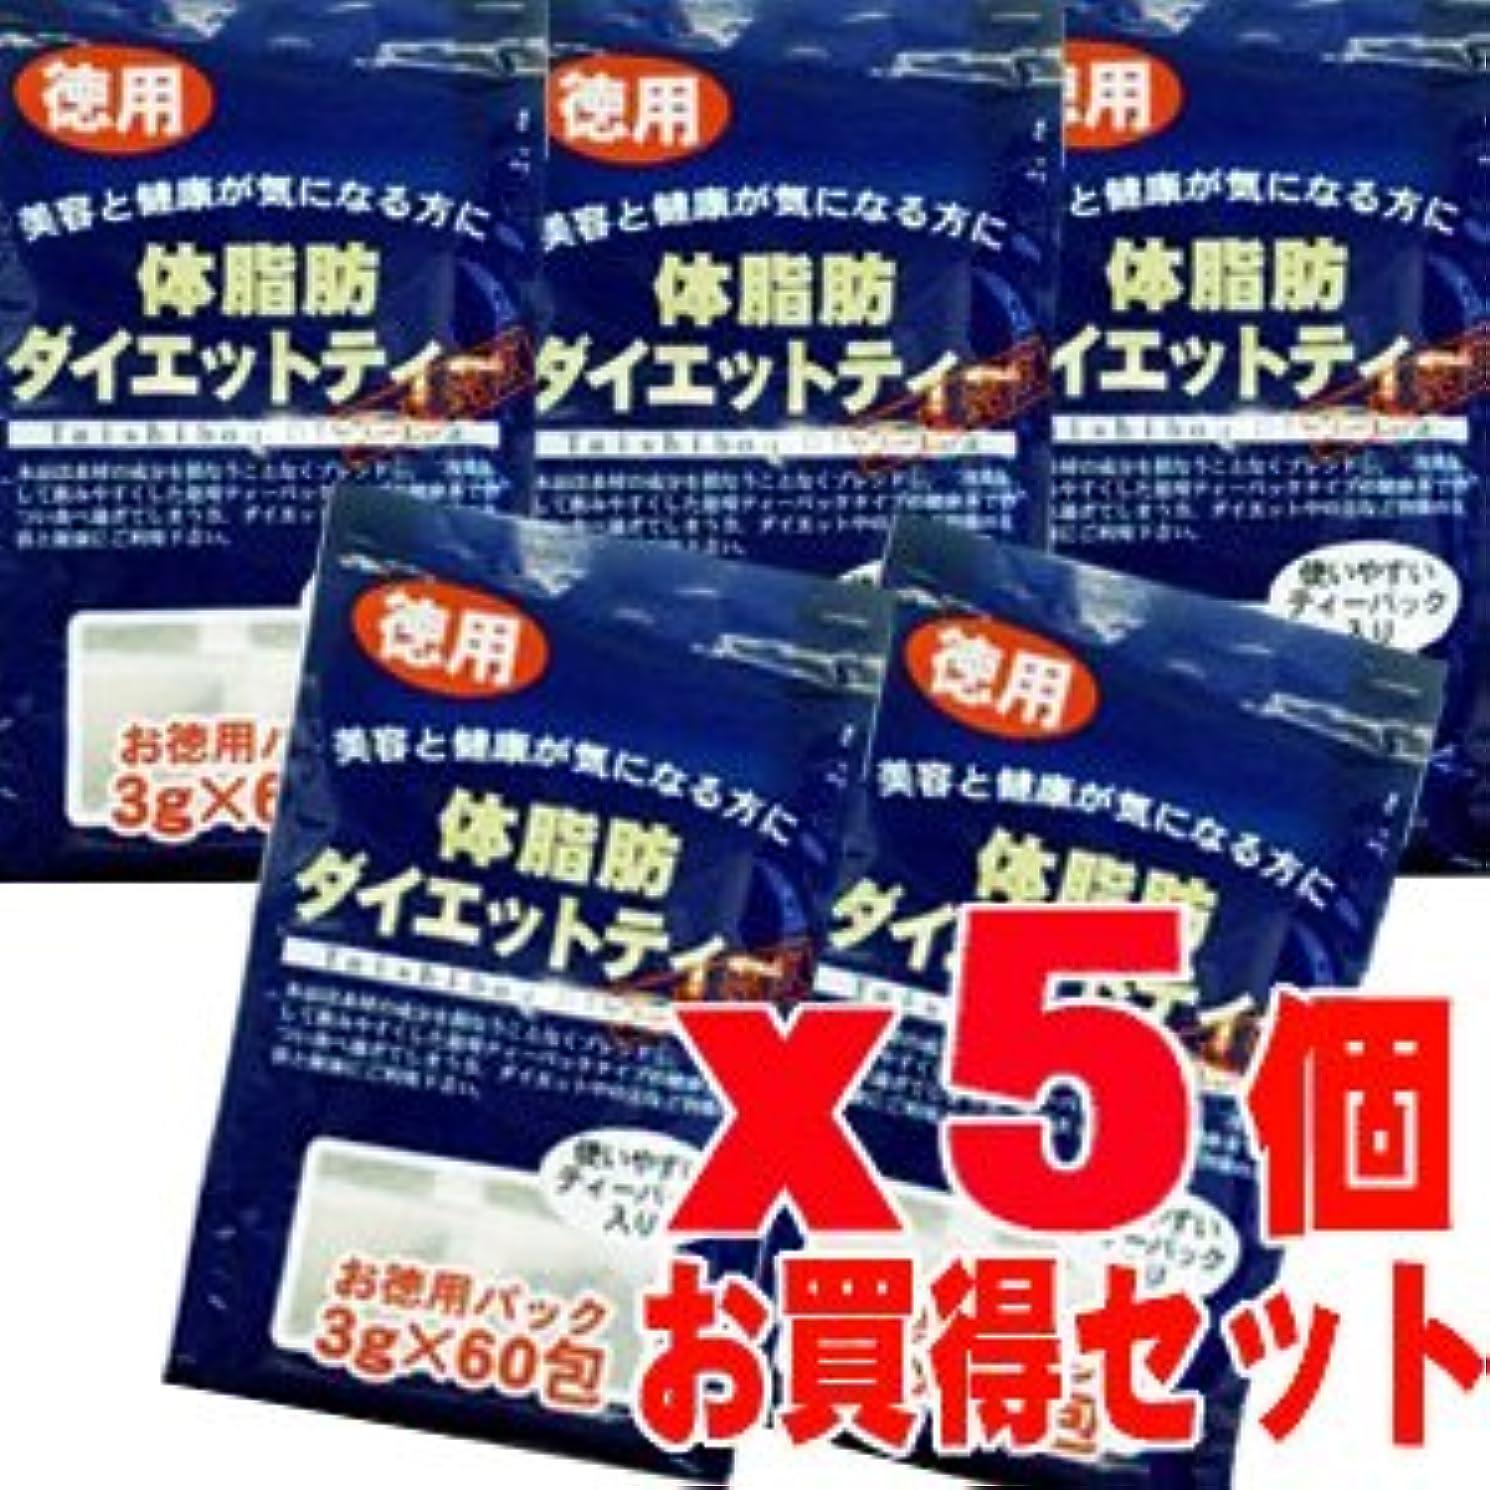 ポテト慣れる古風なユウキ製薬(株)徳用 体脂肪ダイエットティー5個セット